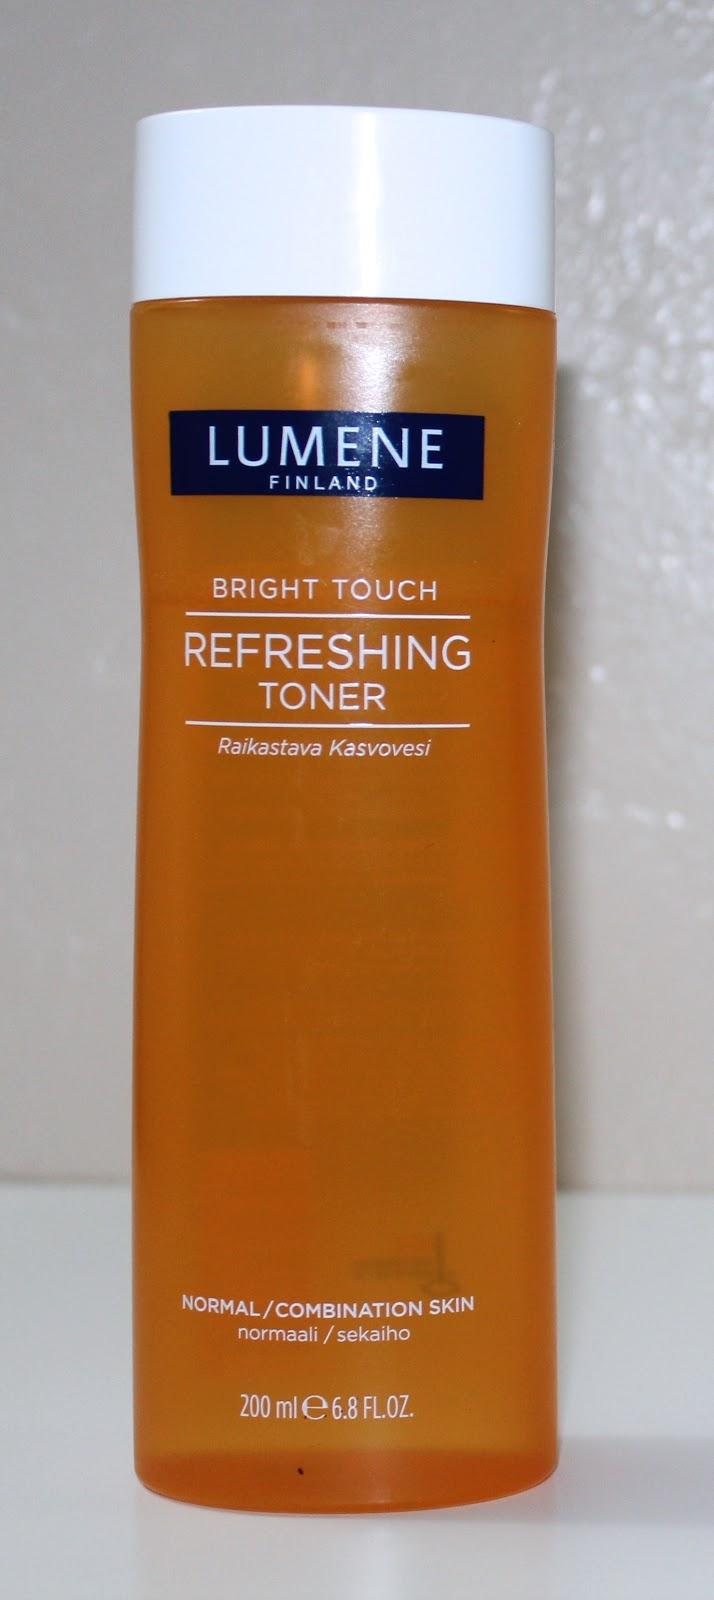 lumene bright touch